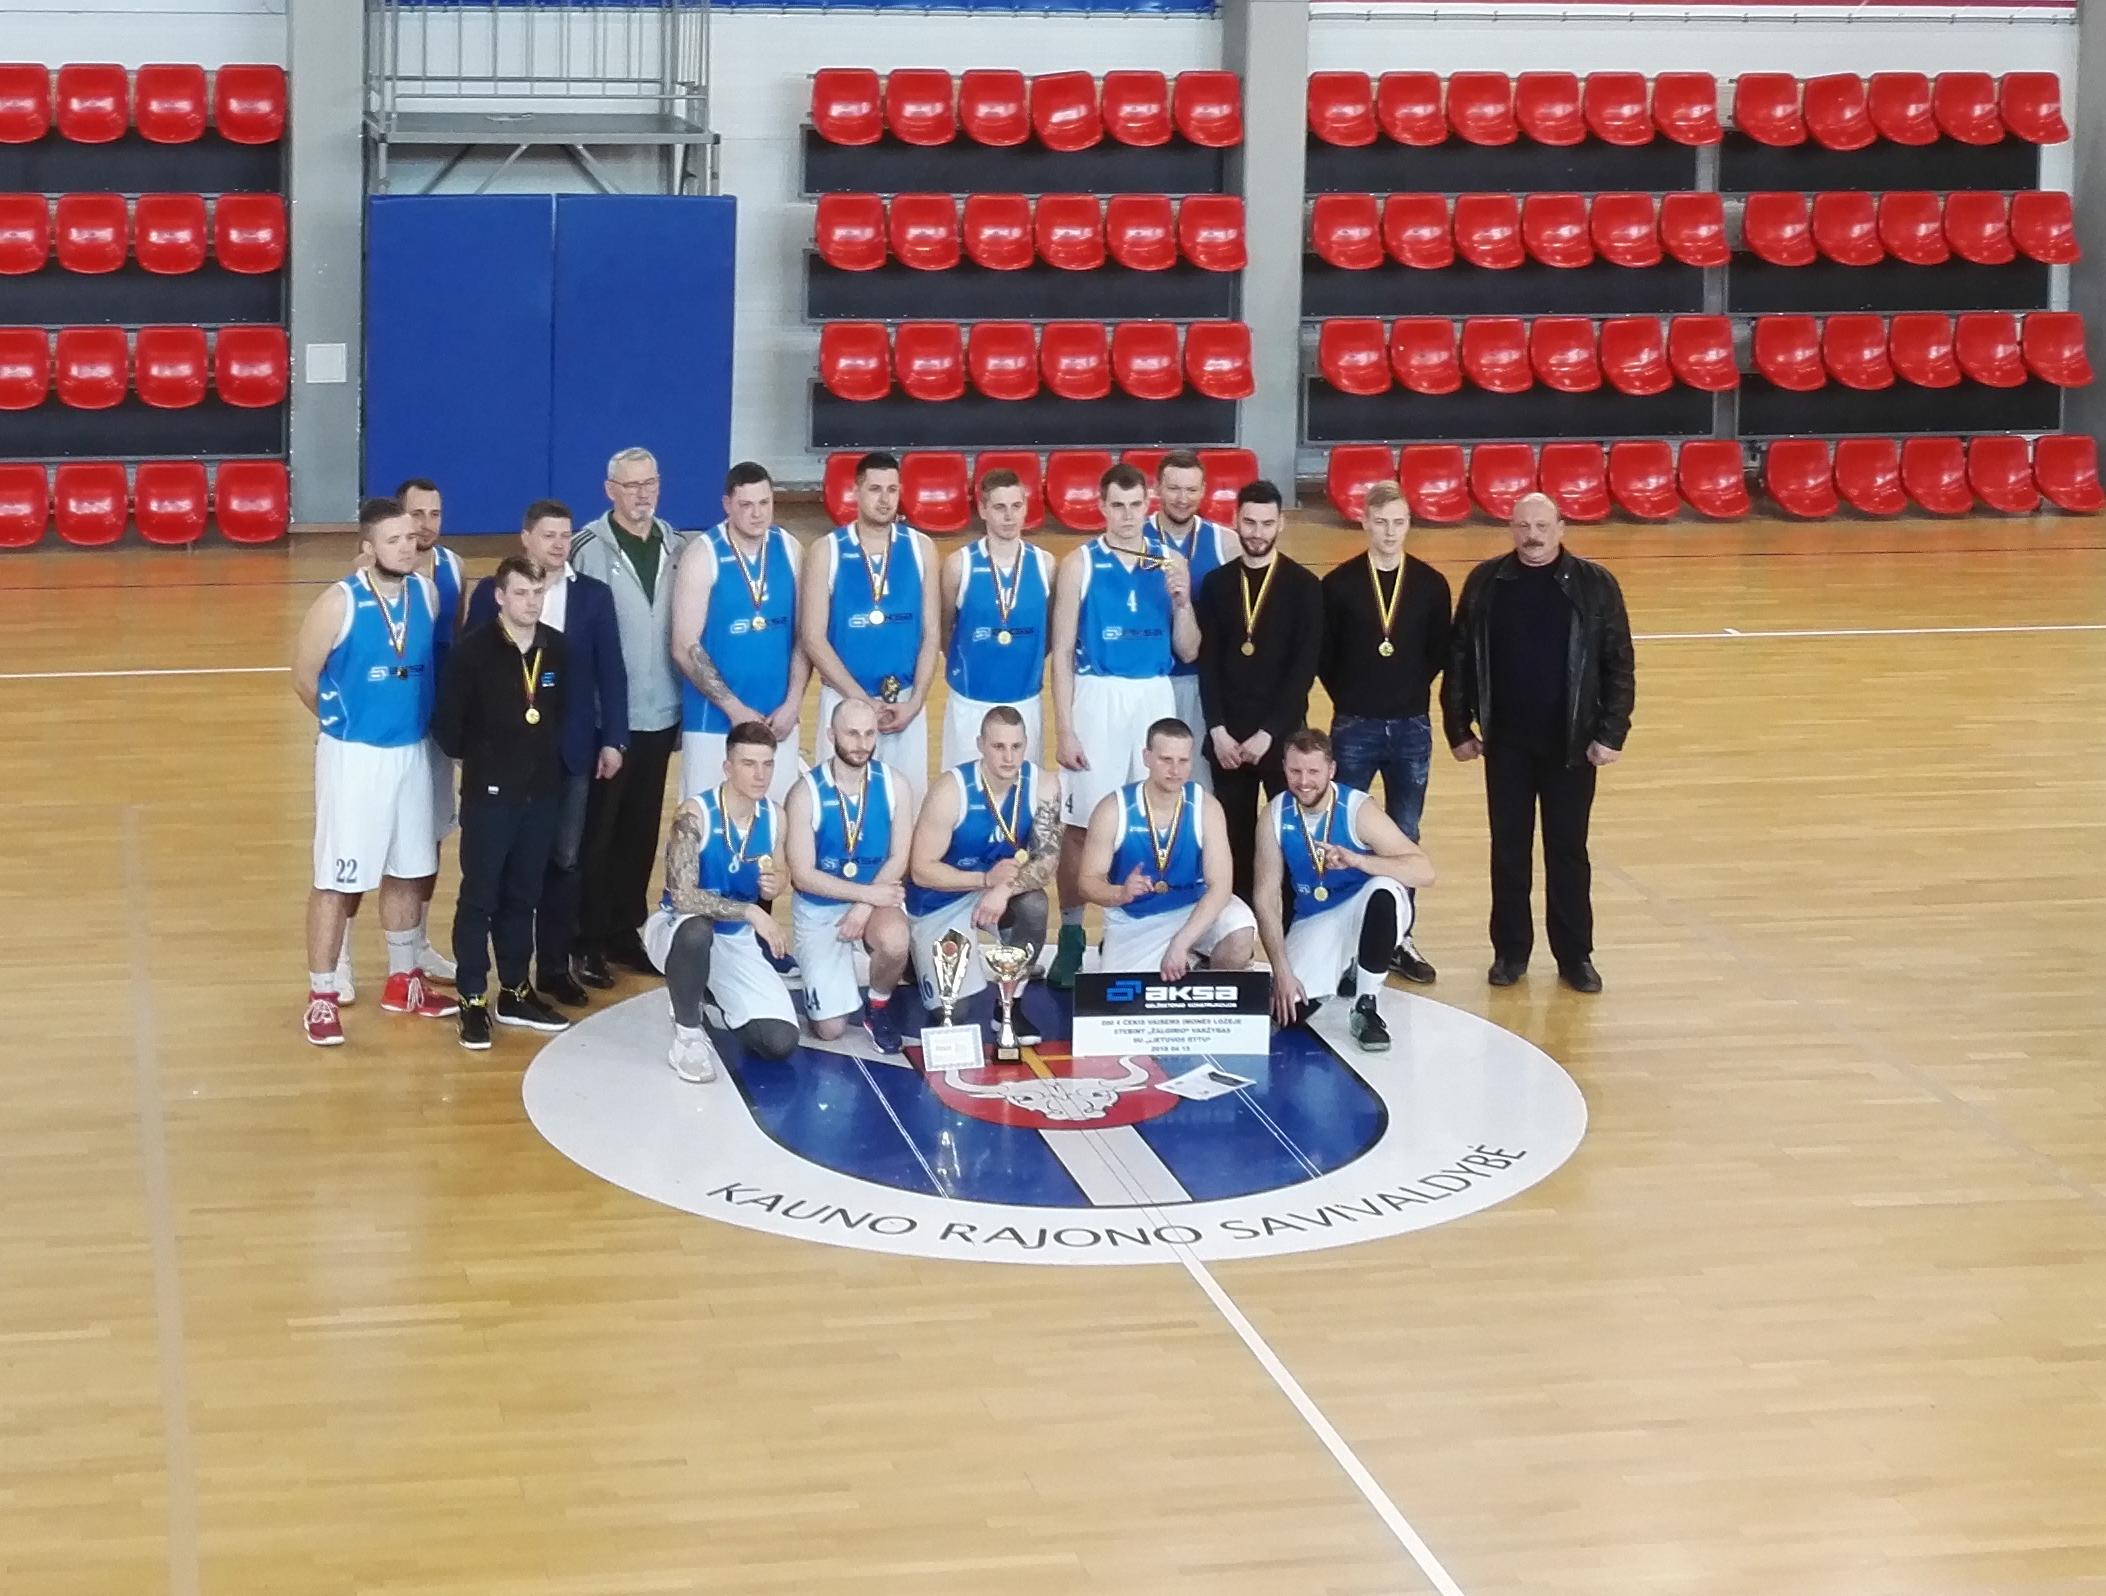 Įmonės komanda užėmė 1 vietą Kauno krepšinio mėgėjų lygos Bendruomenių pirmenybėse